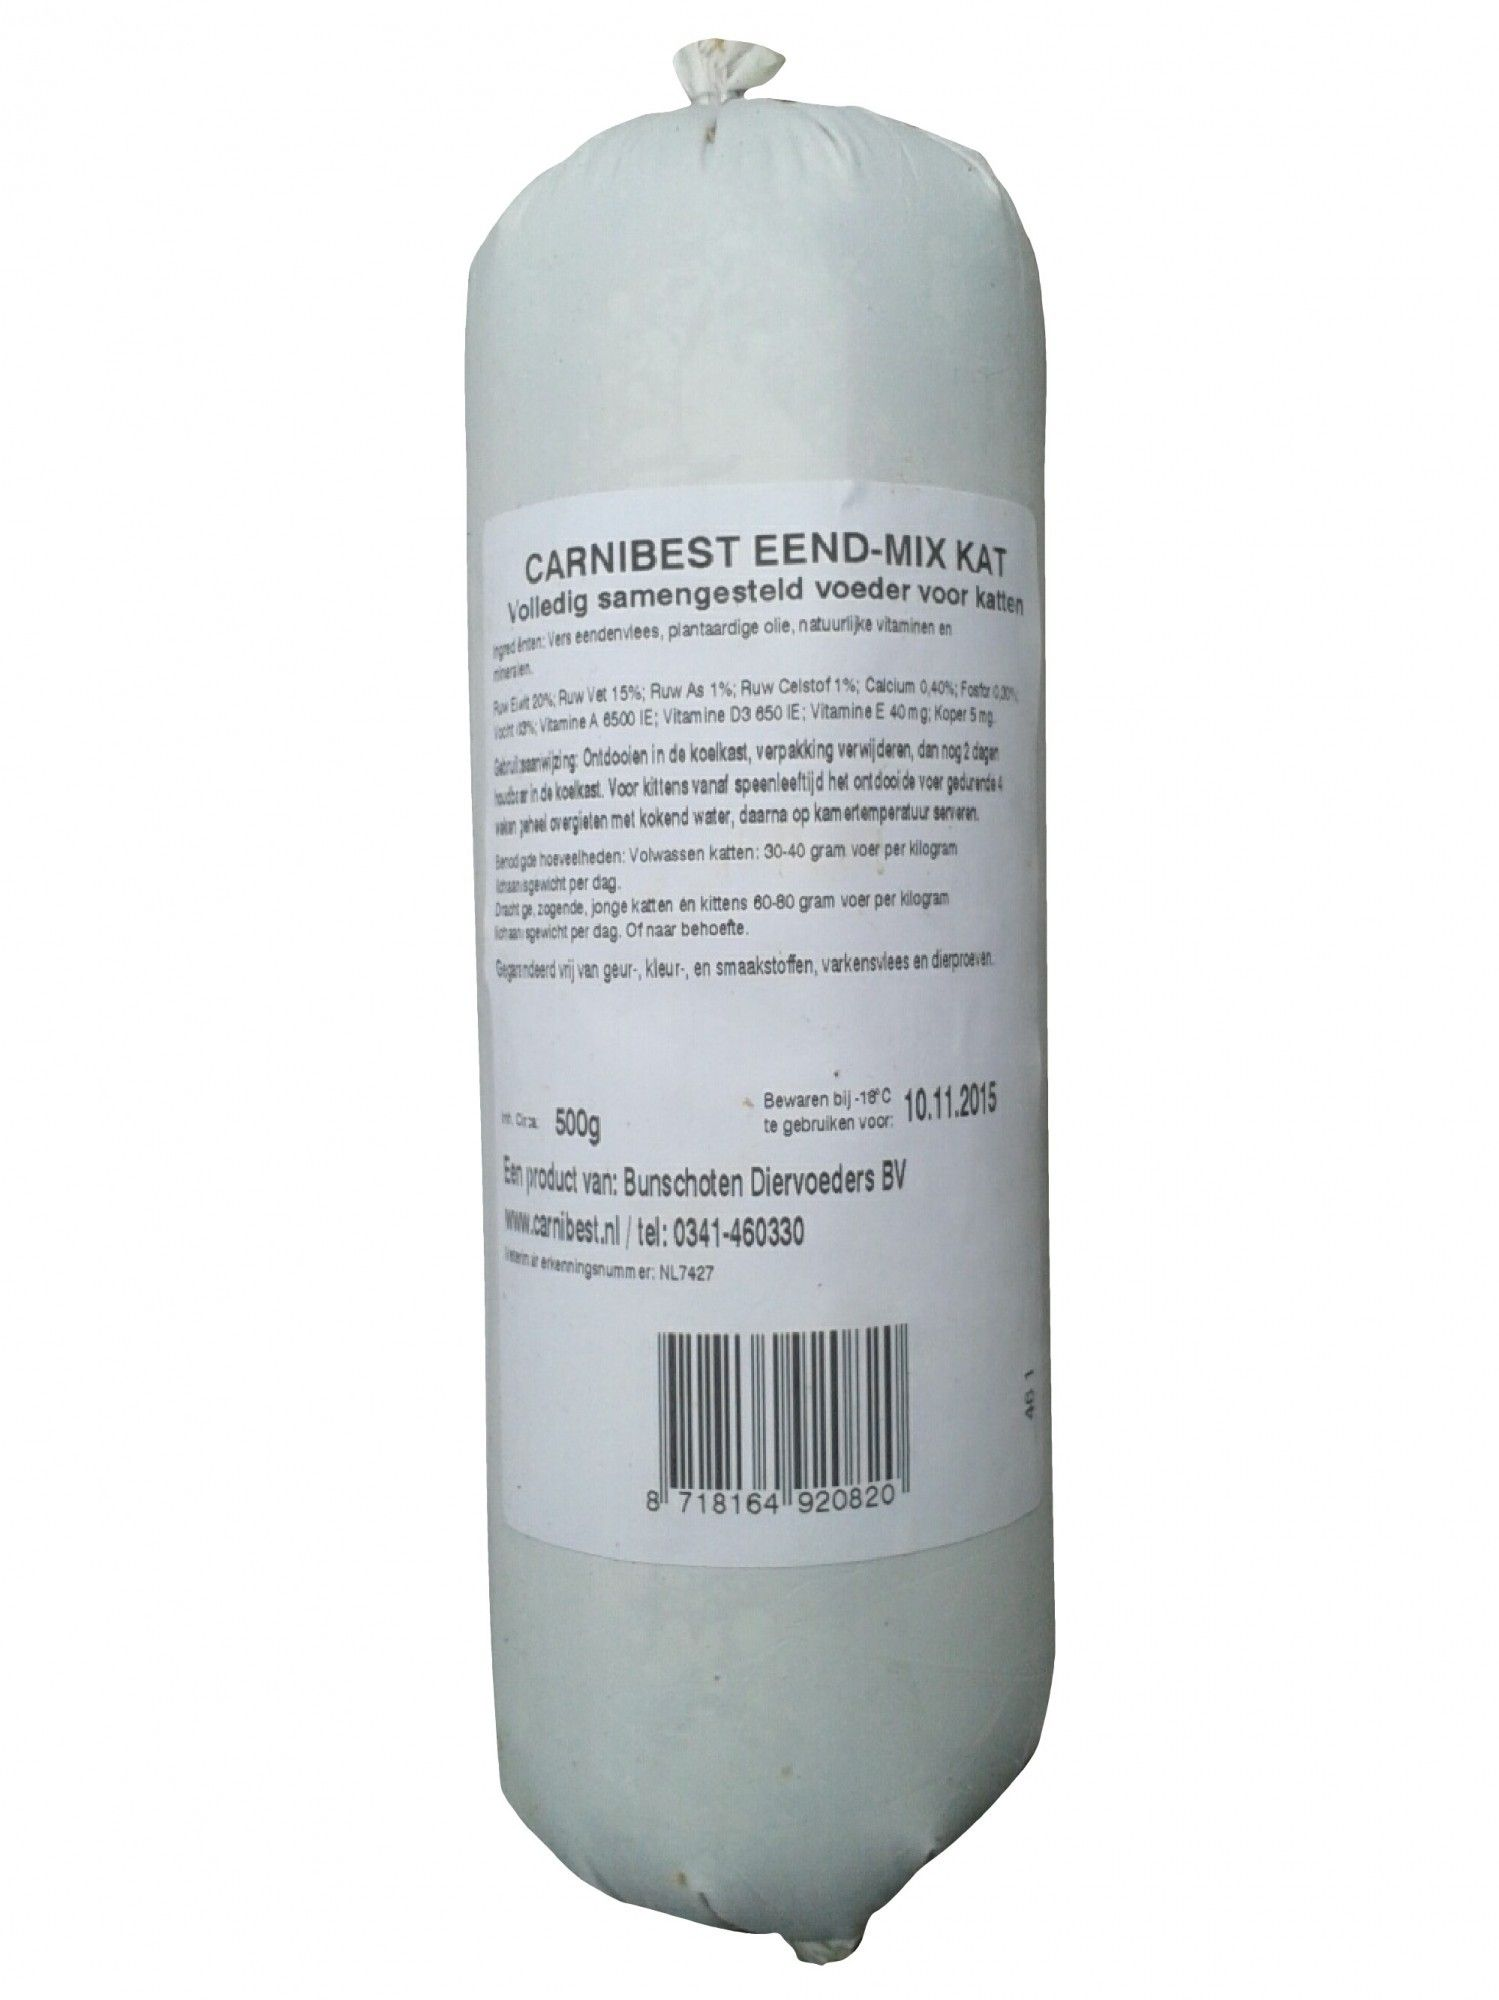 Carnibest vers vlees kat Eend Mix 500gr